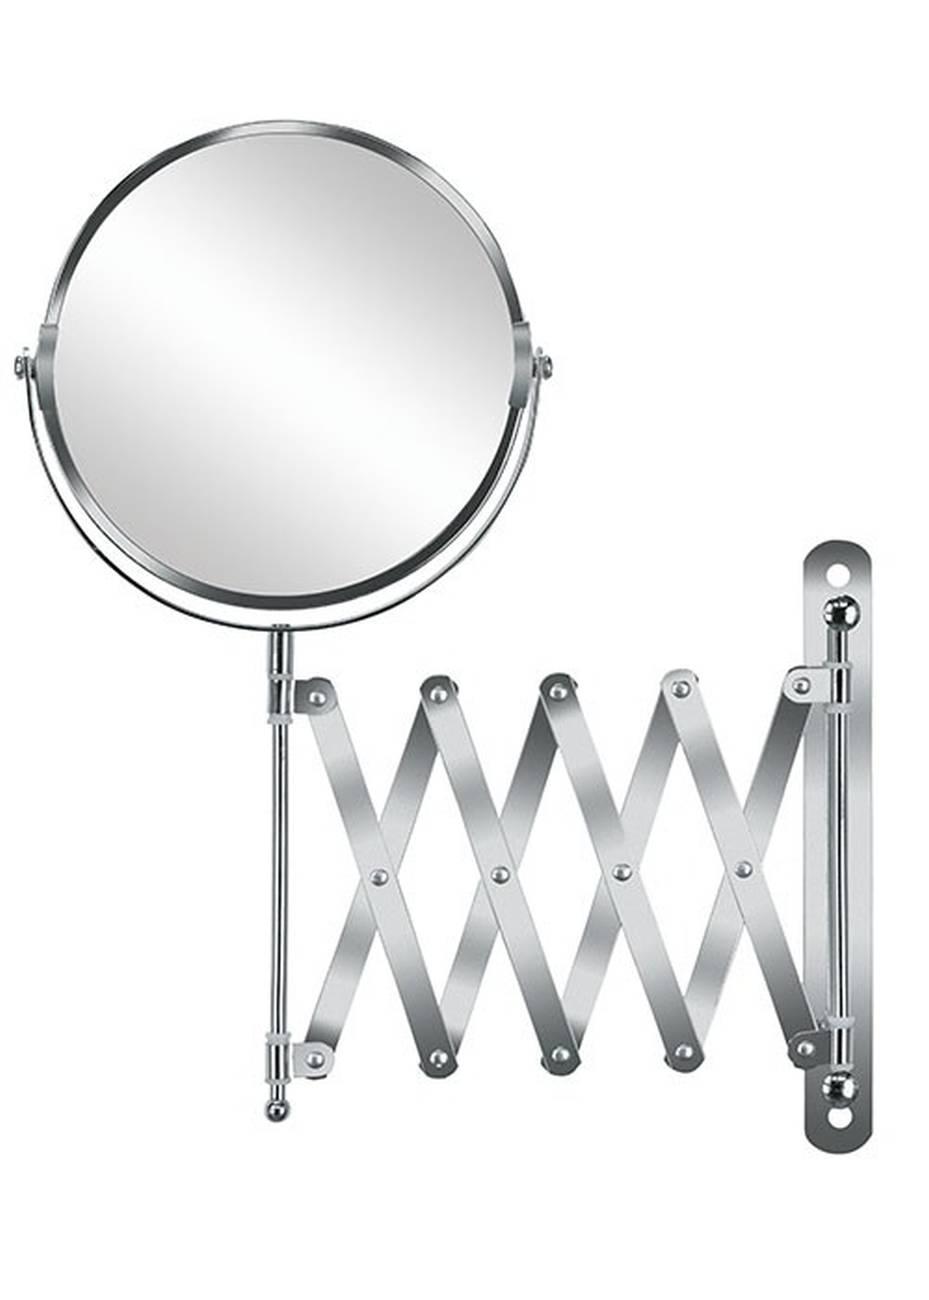 Kosmetikspiegel Move Mirror Edelstahl/Glas Silber Spiegel